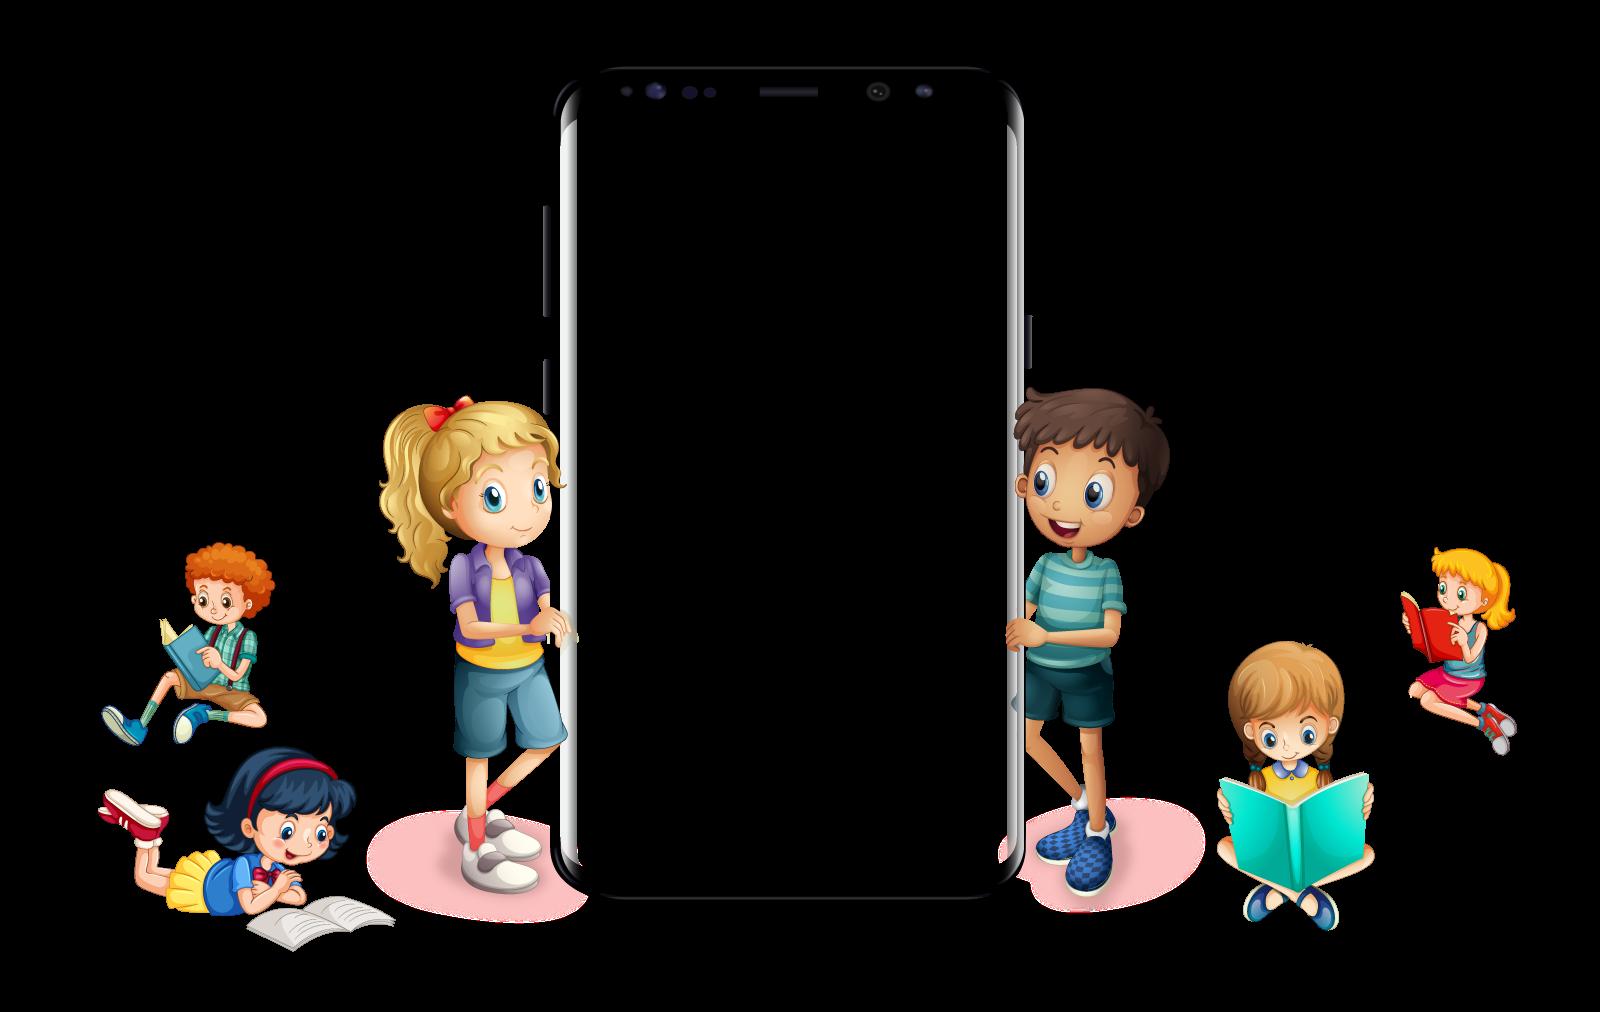 Best Seasons Informational App in Urdu for Kids - Little